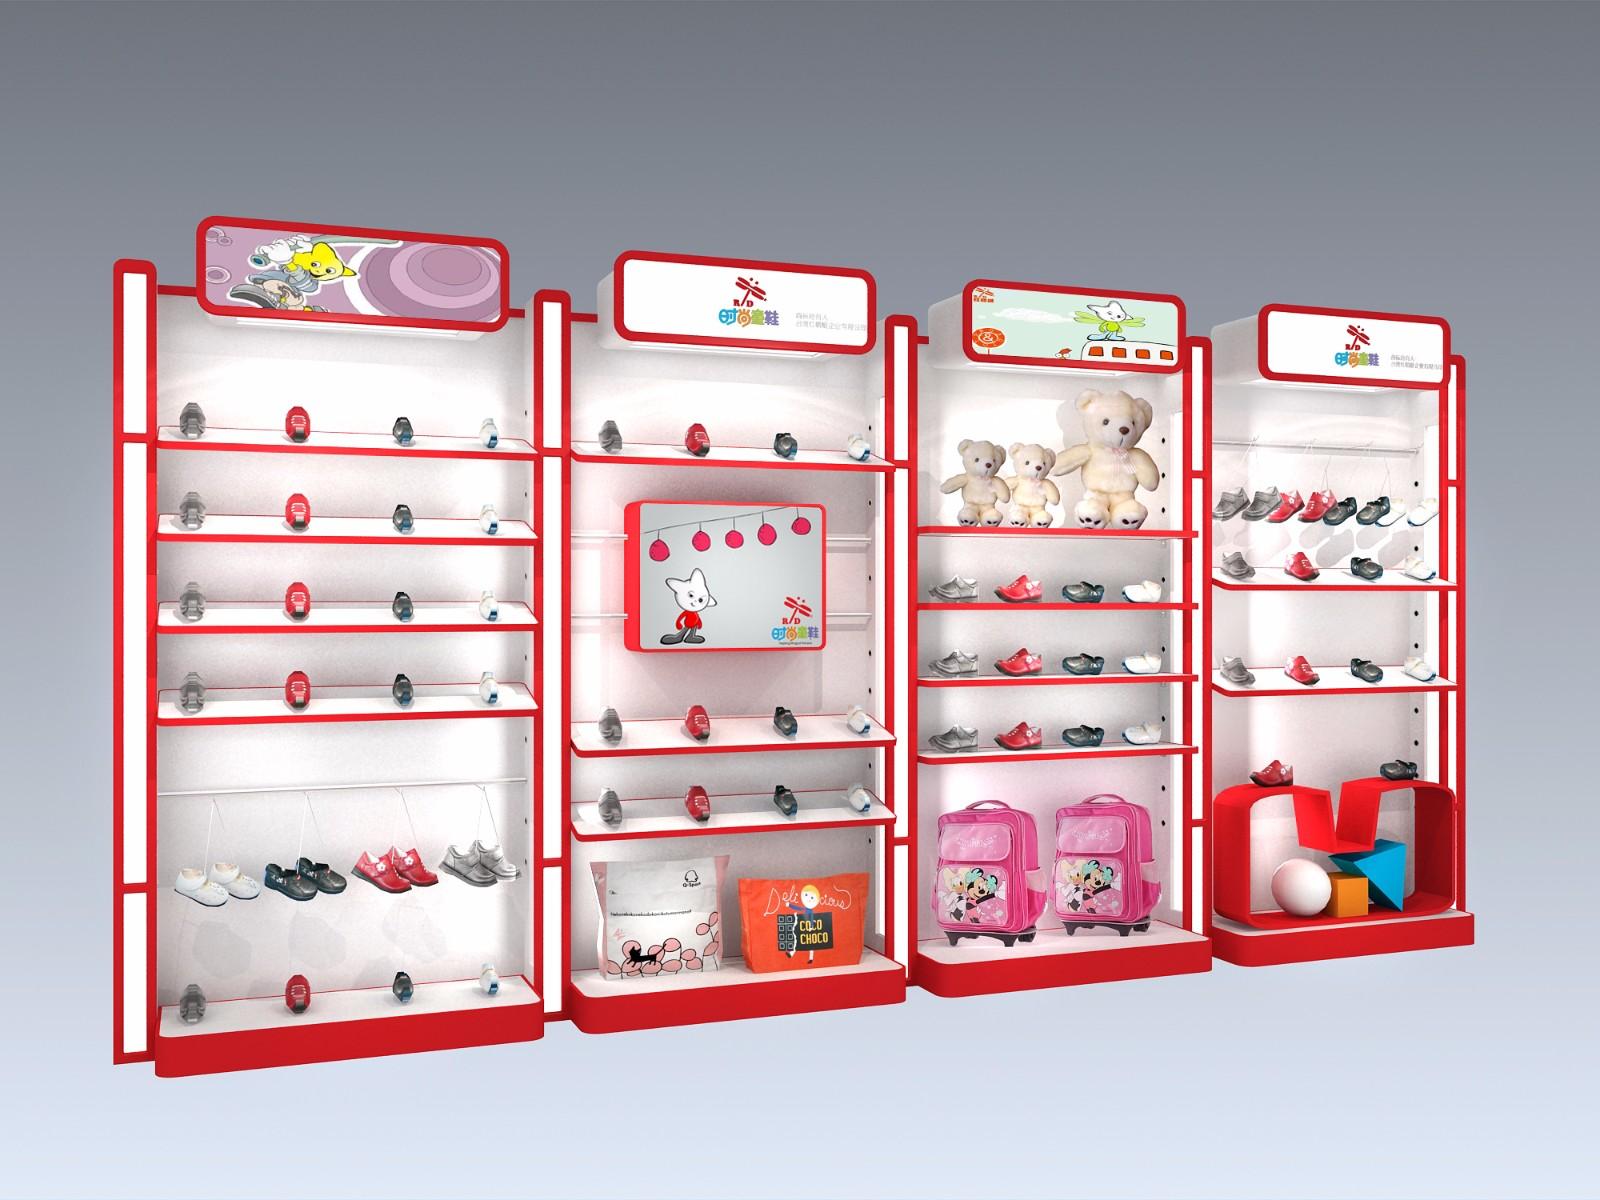 红蜻蜓时尚童鞋专卖店设计|商业空间-厦门市嘉维世纪会展服务有限公司